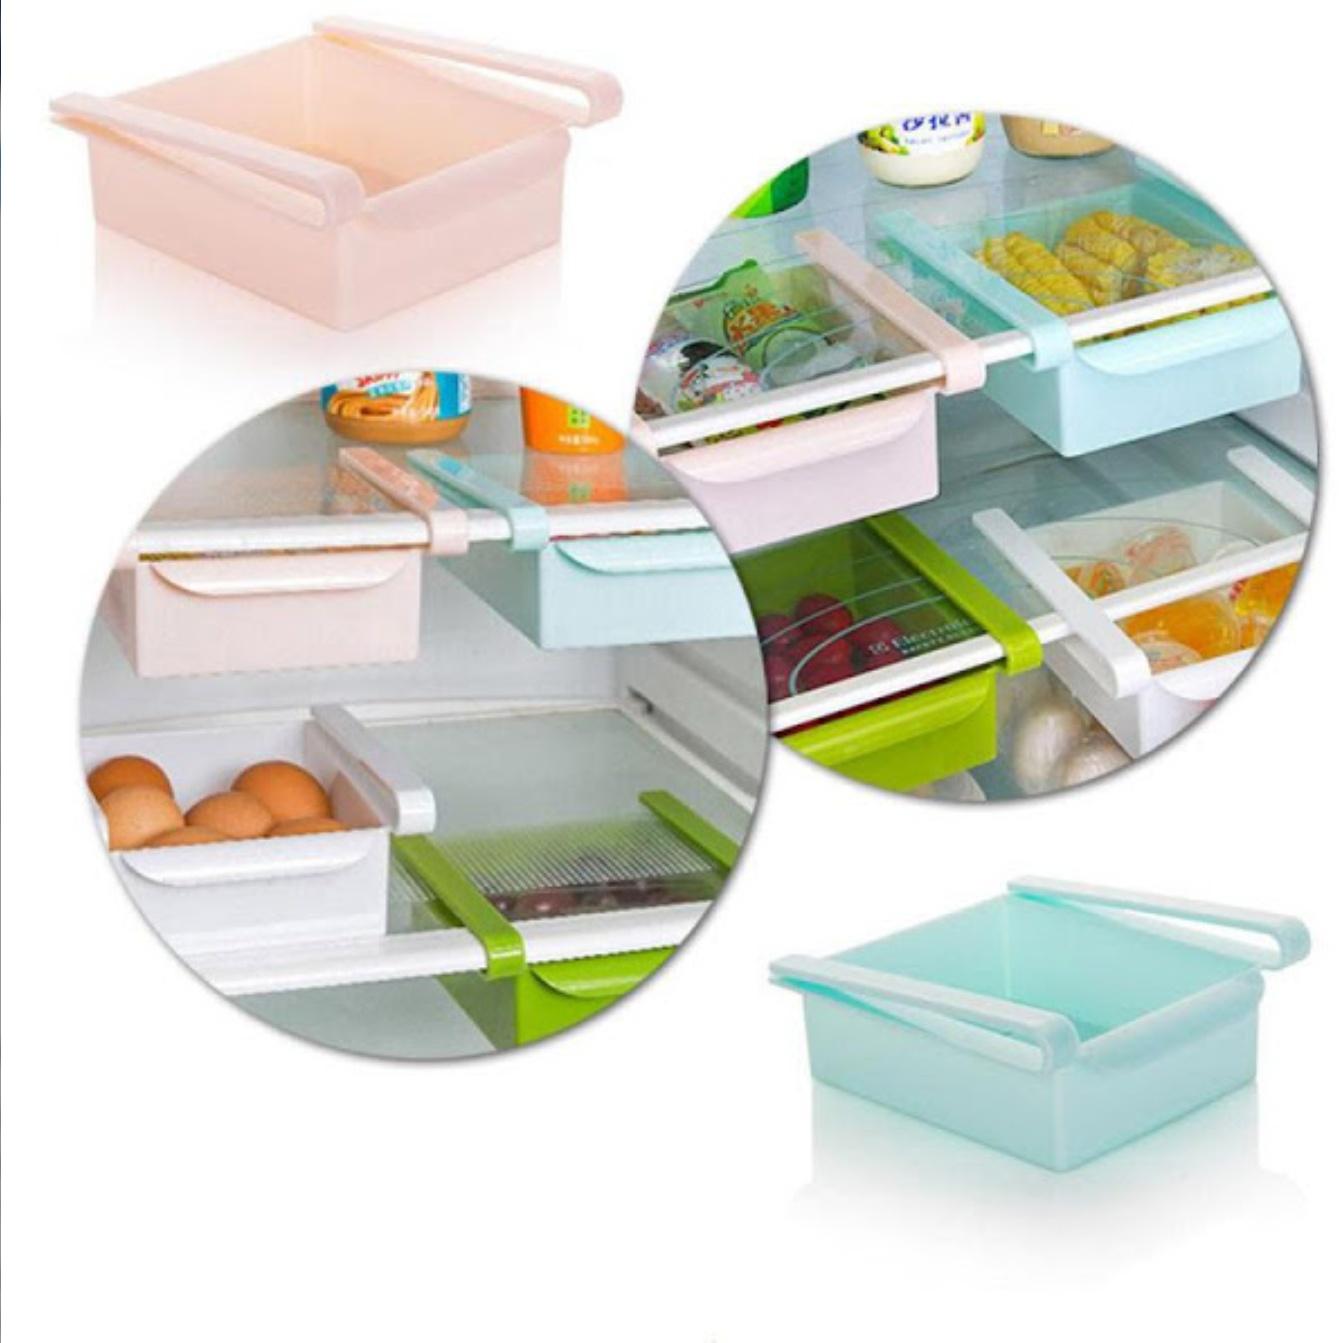 Cutii depozitare universale pentru frigider, birou, dulap, etc.